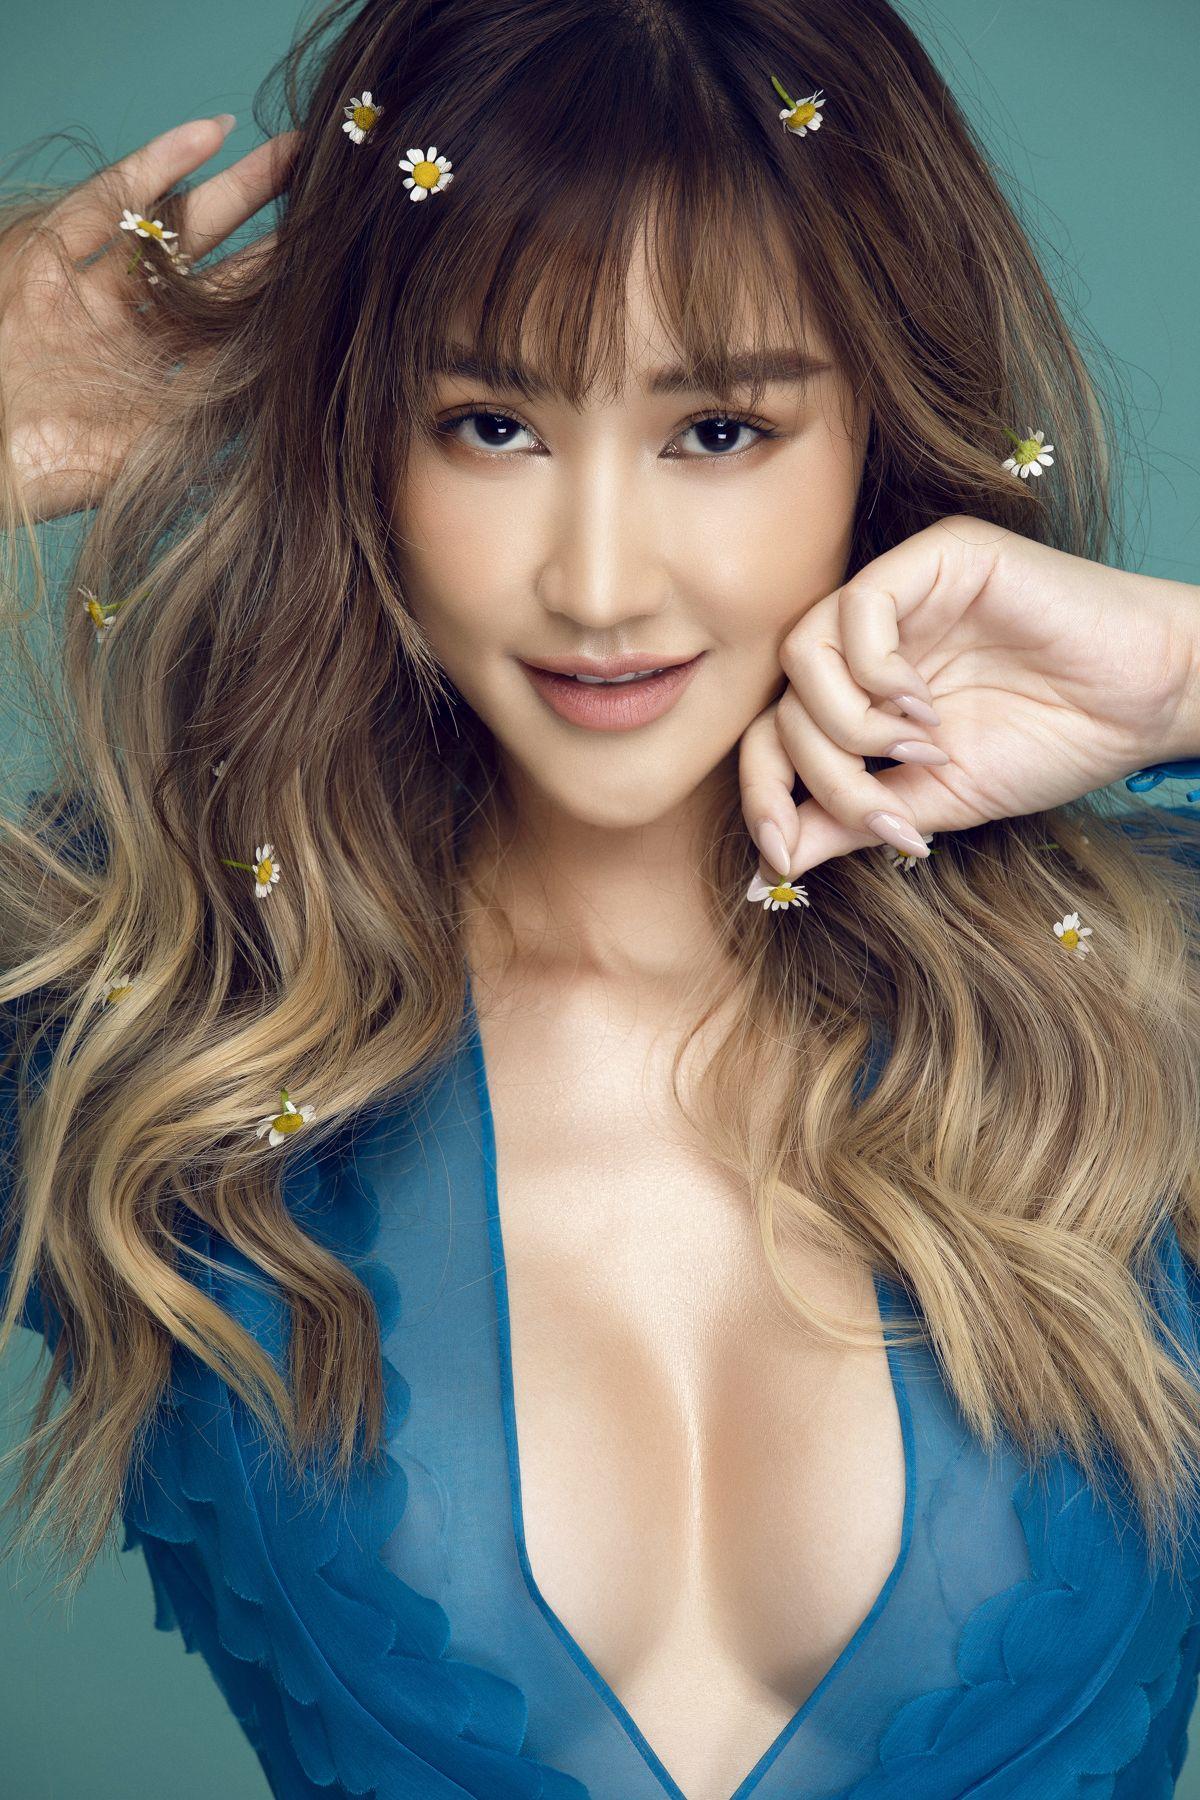 Ảnh: Lê Thiện Viễn, Stylist: Trần Đạt, Make up and Hair: Quân Nguyễn - Pu Lê.